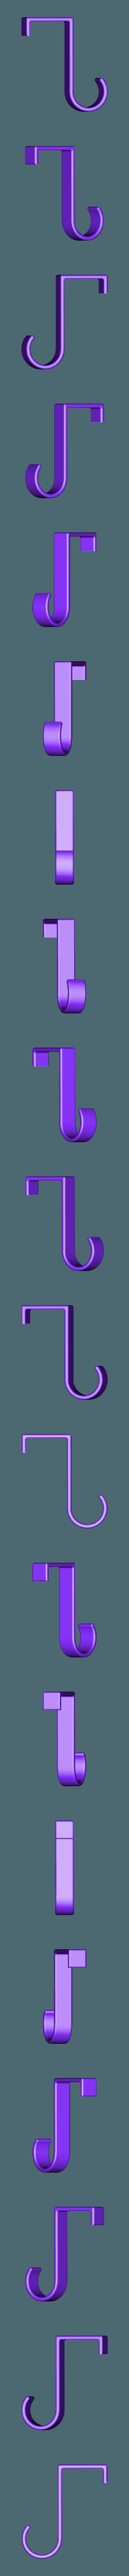 10Door_Hooks.STL Télécharger fichier STL gratuit Crochets de porte (10 tailles différentes) • Design pour impression 3D, Saeid